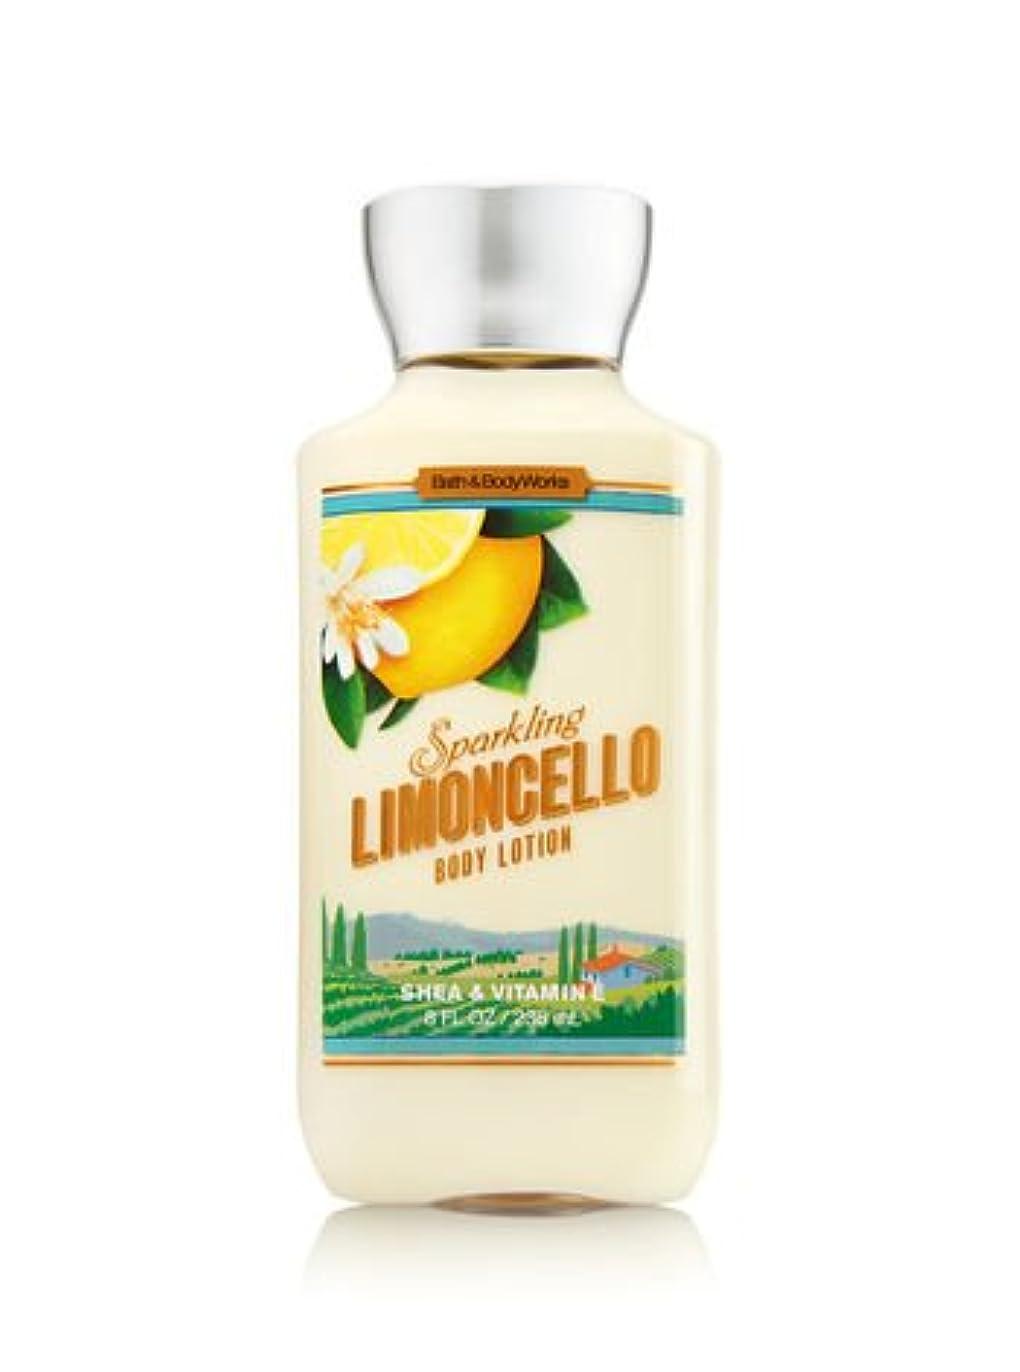 【Bath&Body Works/バス&ボディワークス】 ボディローション スパークリングリモンチェッロ Body Lotion Sparkling Limoncello 8 fl oz / 236 mL [並行輸入品]